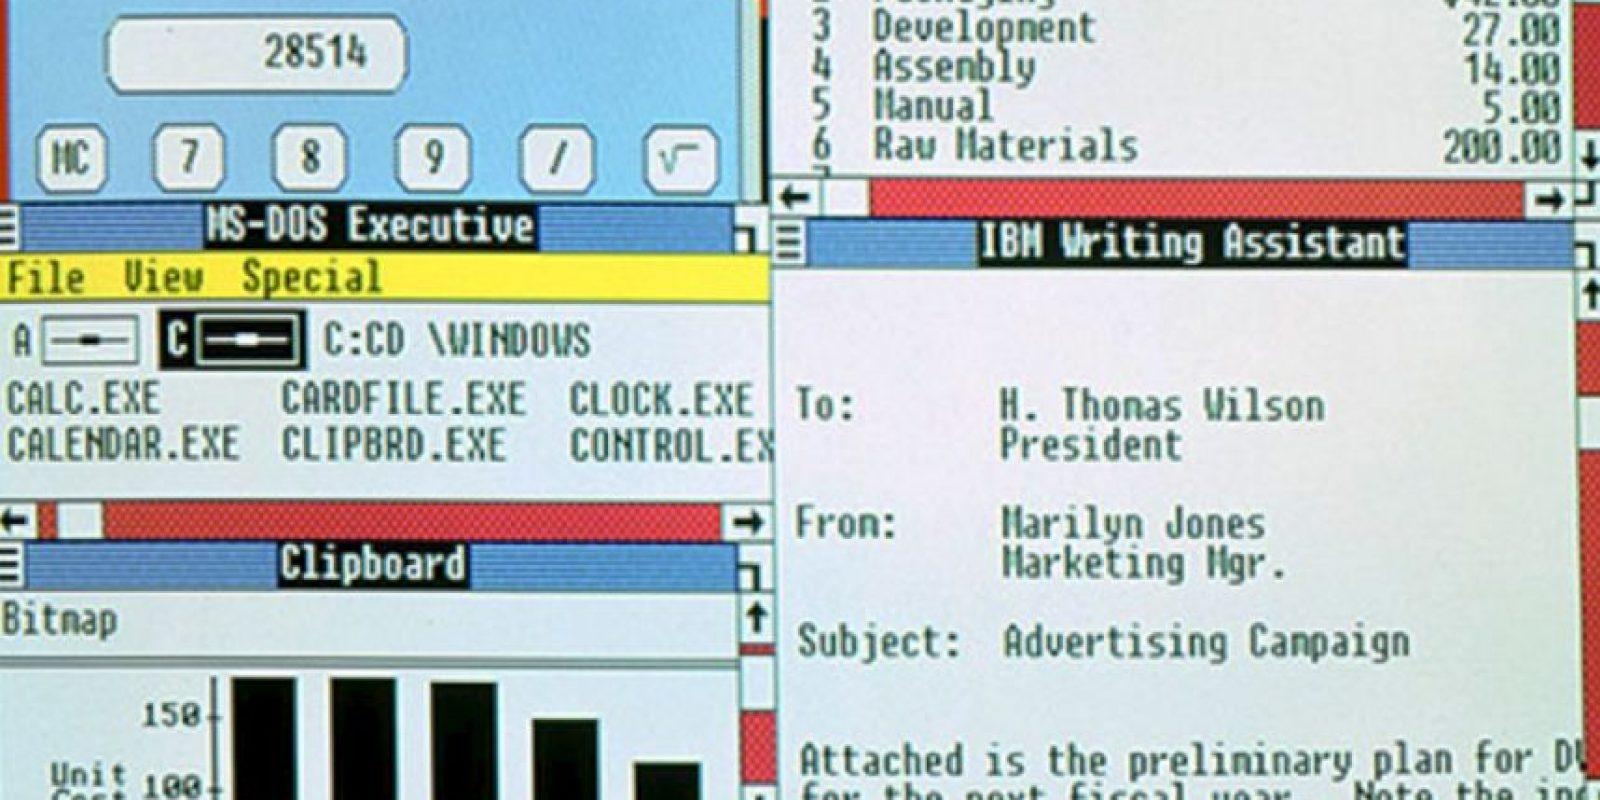 En 1987 Windows lanzó sus nuevas actualizaciones. Windows 2.0 al 2.11 se lanzarán desde esa fecha hasta el año 1990 Foto:Microsoft